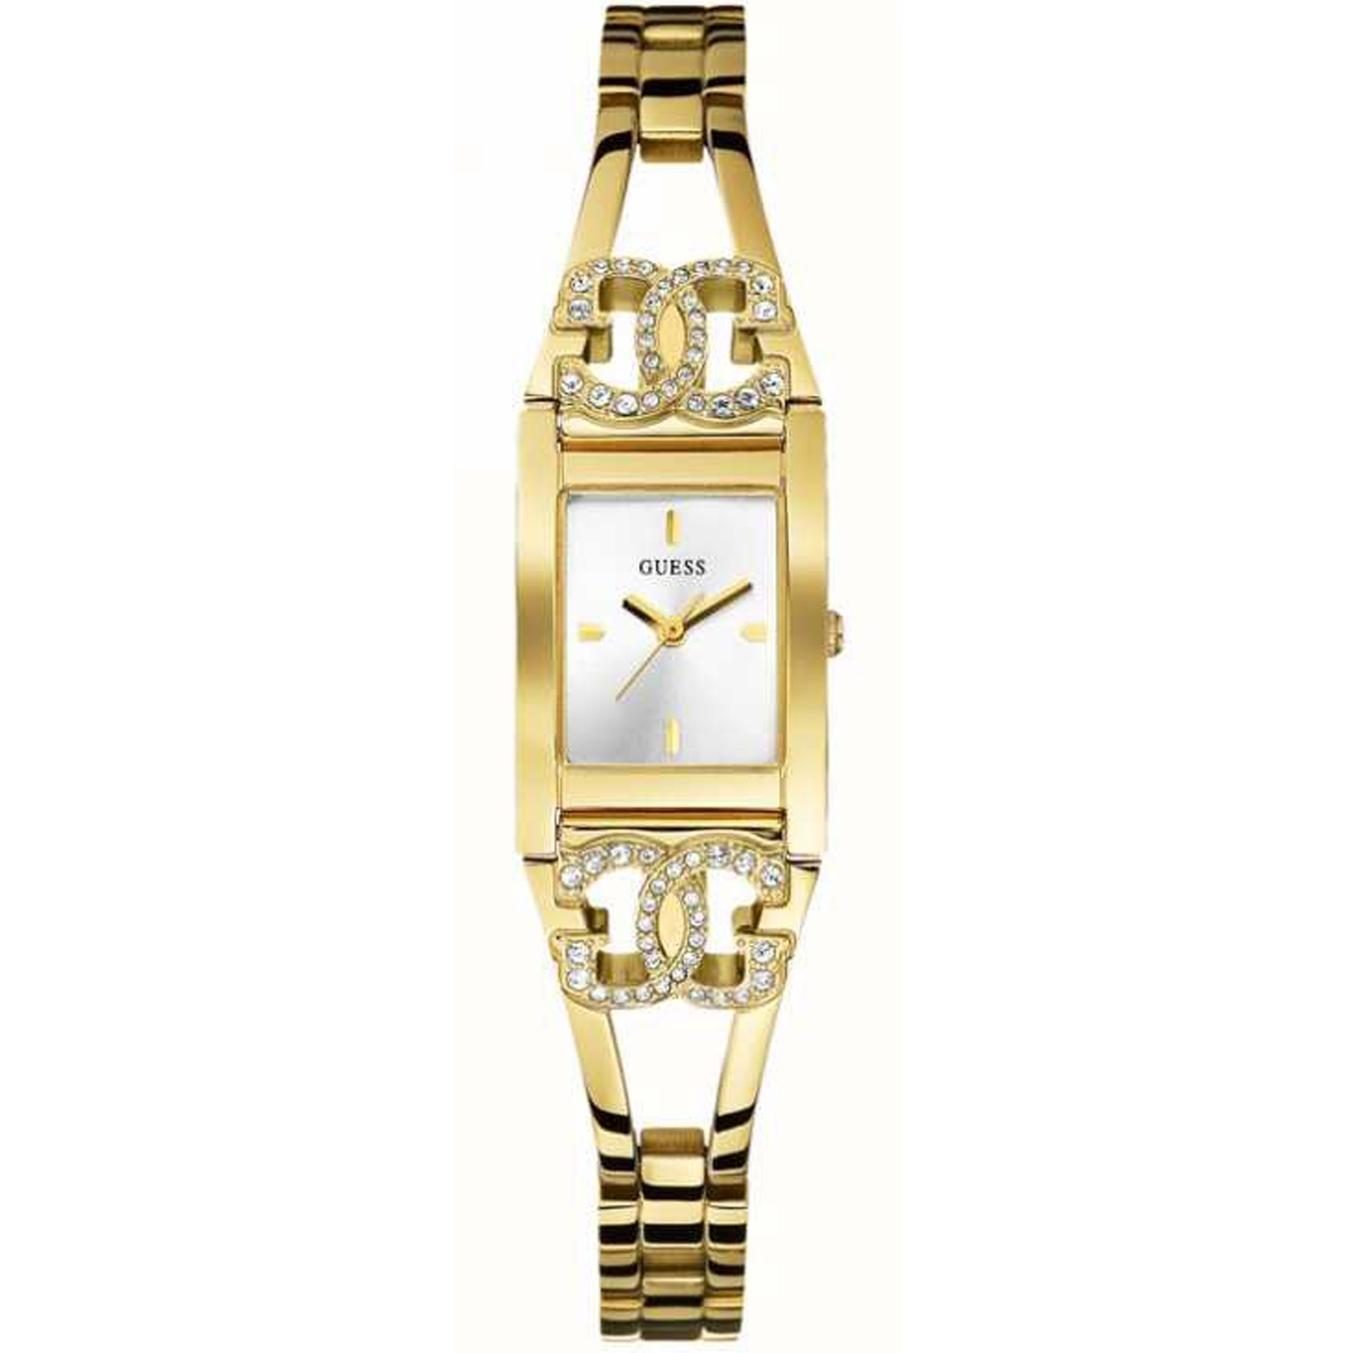 ساعت مچی عقربه ای زنانه گس مدل W10543L1